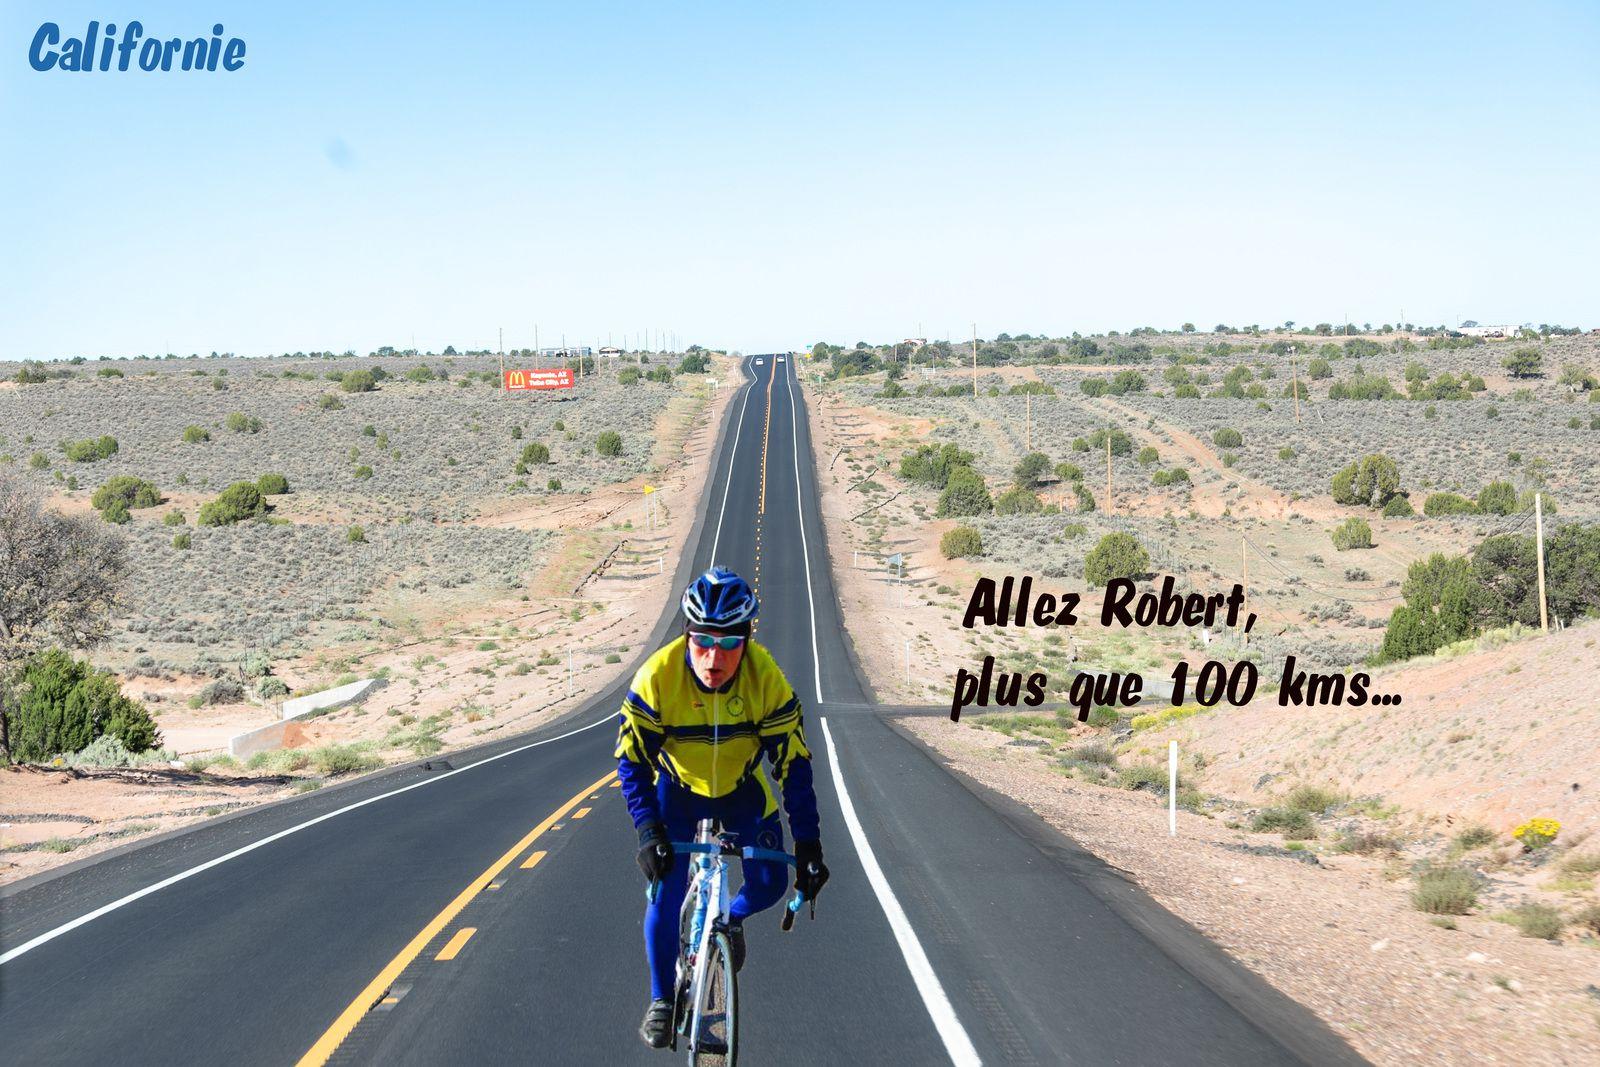 Robert dans le désert  s'entraine pour un 200km découverte